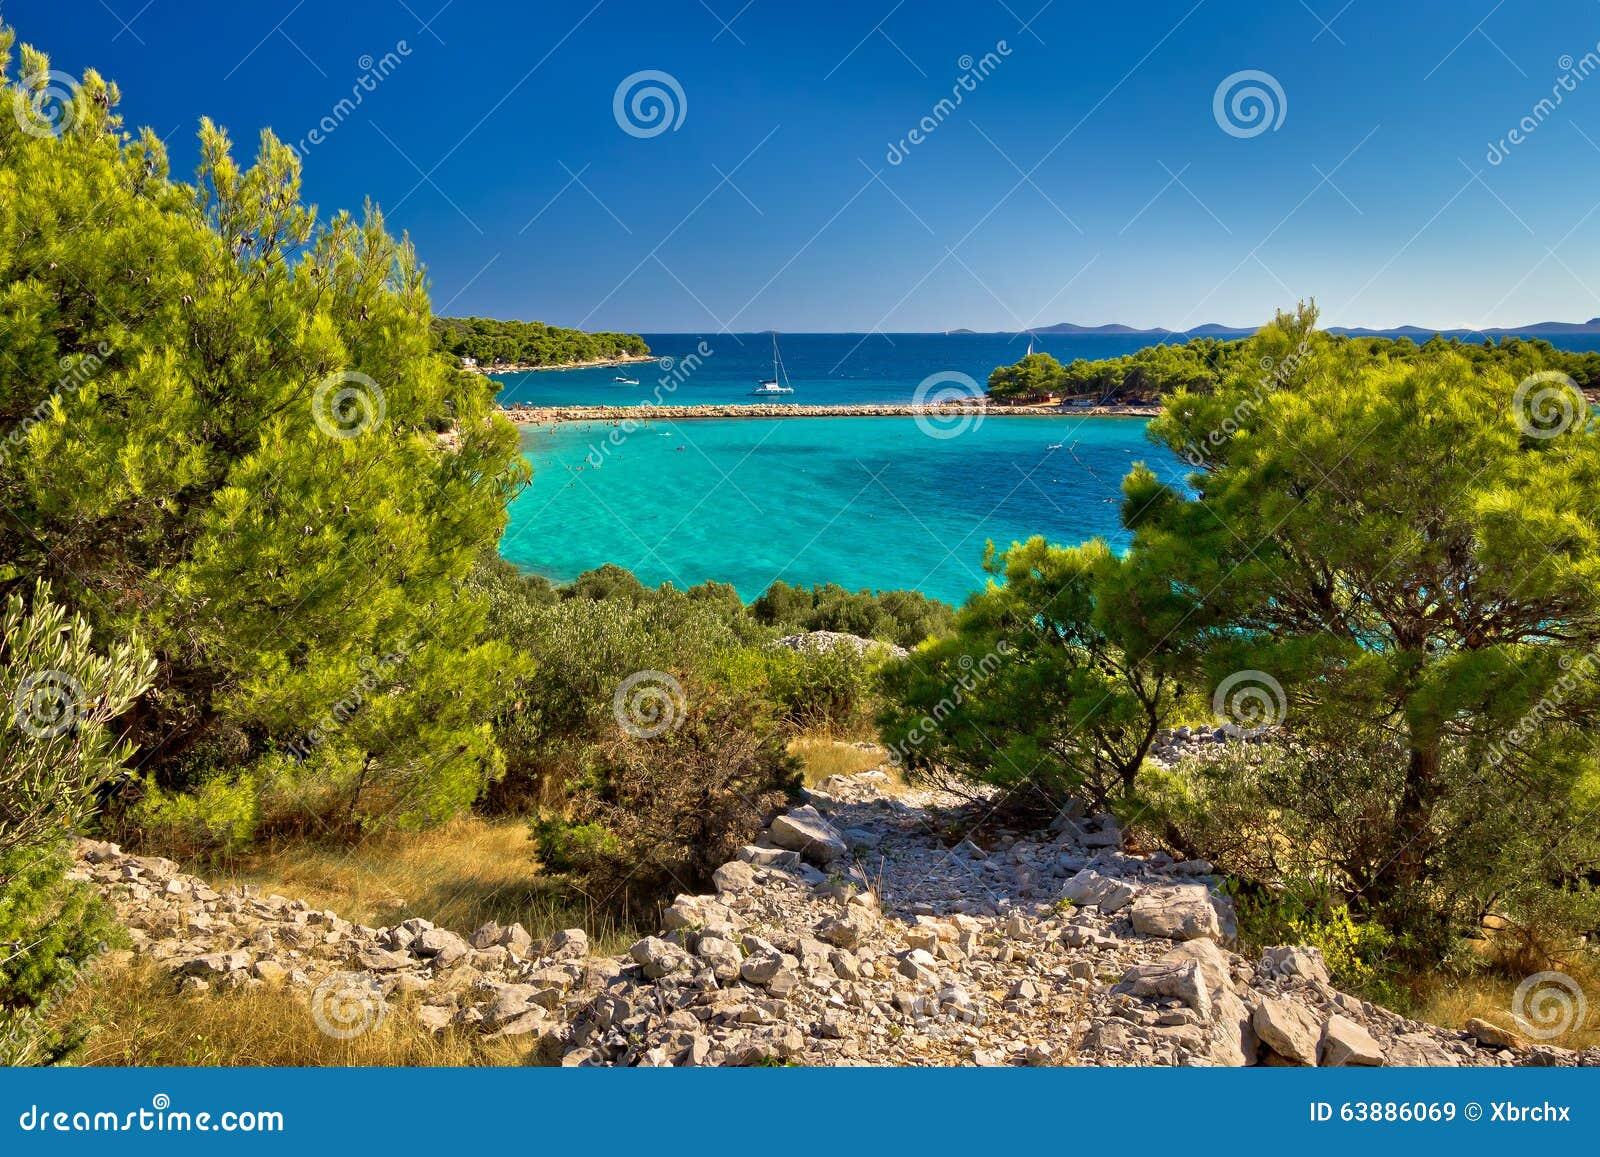 Matrimonio Spiaggia Isola Verde : Bella spiaggia verde smeraldo sull isola di murter